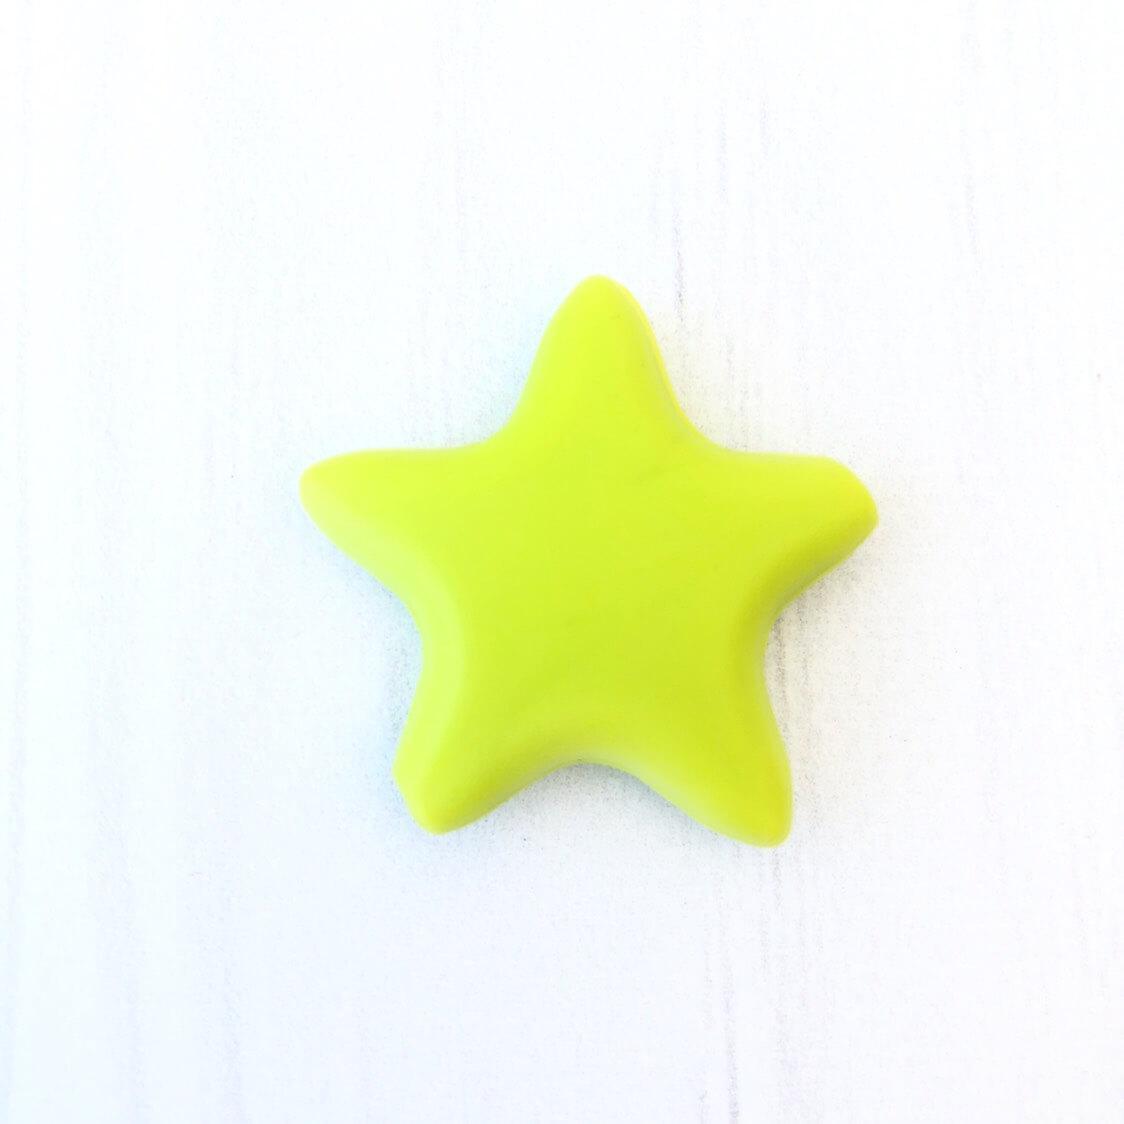 Звезда  острокон. (салатовая), бусины из пищевого силикона